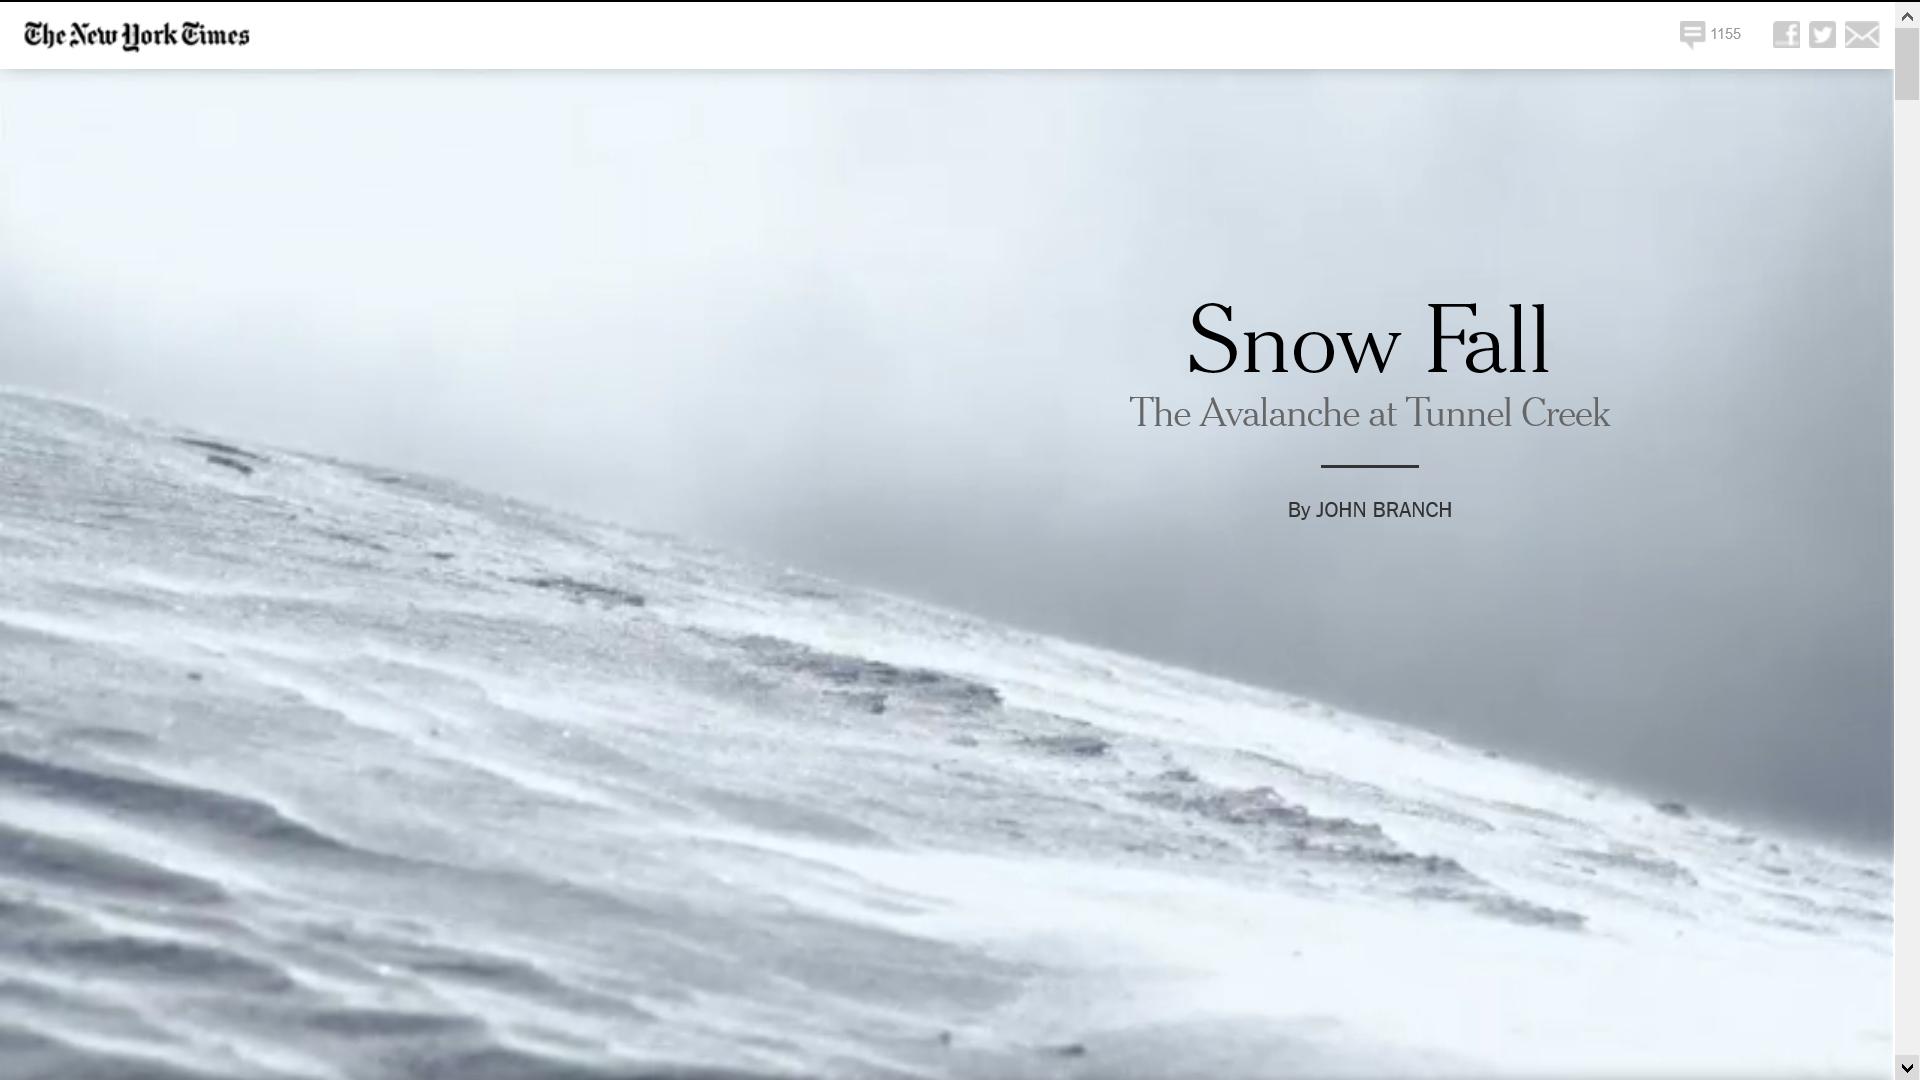 Reprodução da página inicial do especial multimídia Snow Fall, do New York Times